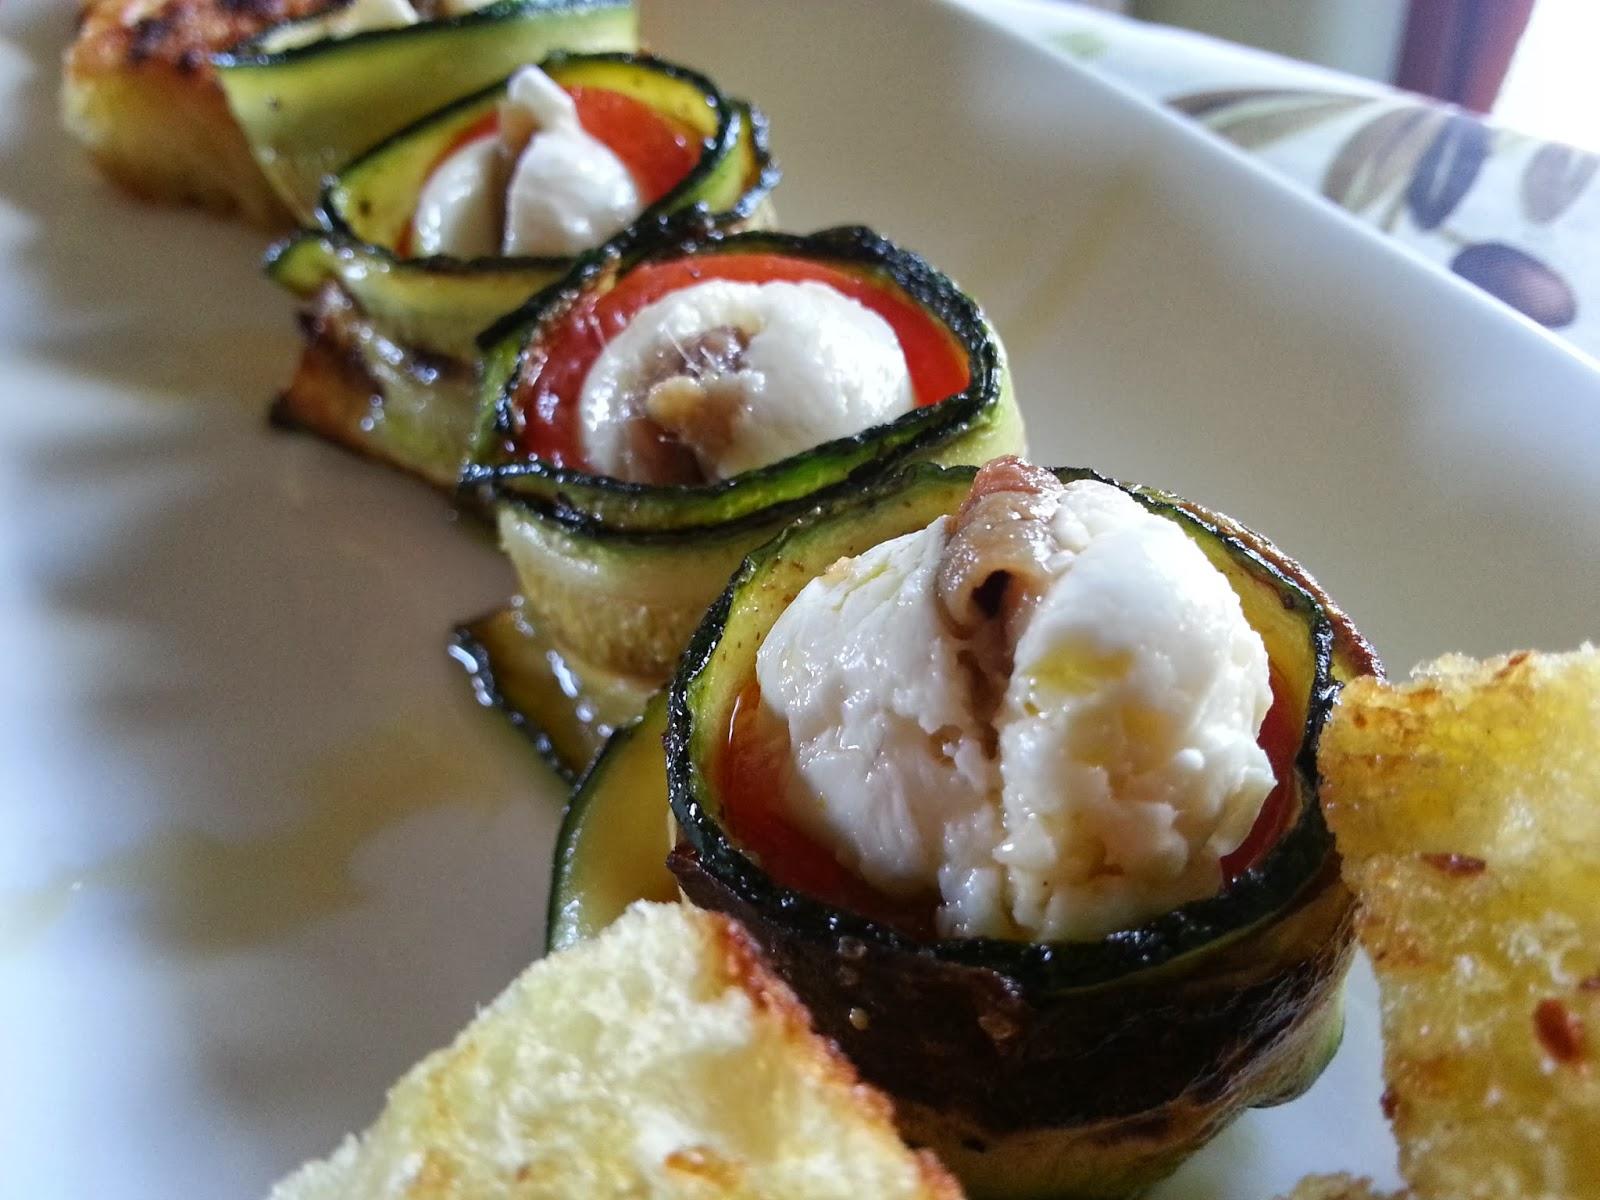 antipasto di zucchine - un antipasto con i fiocchi